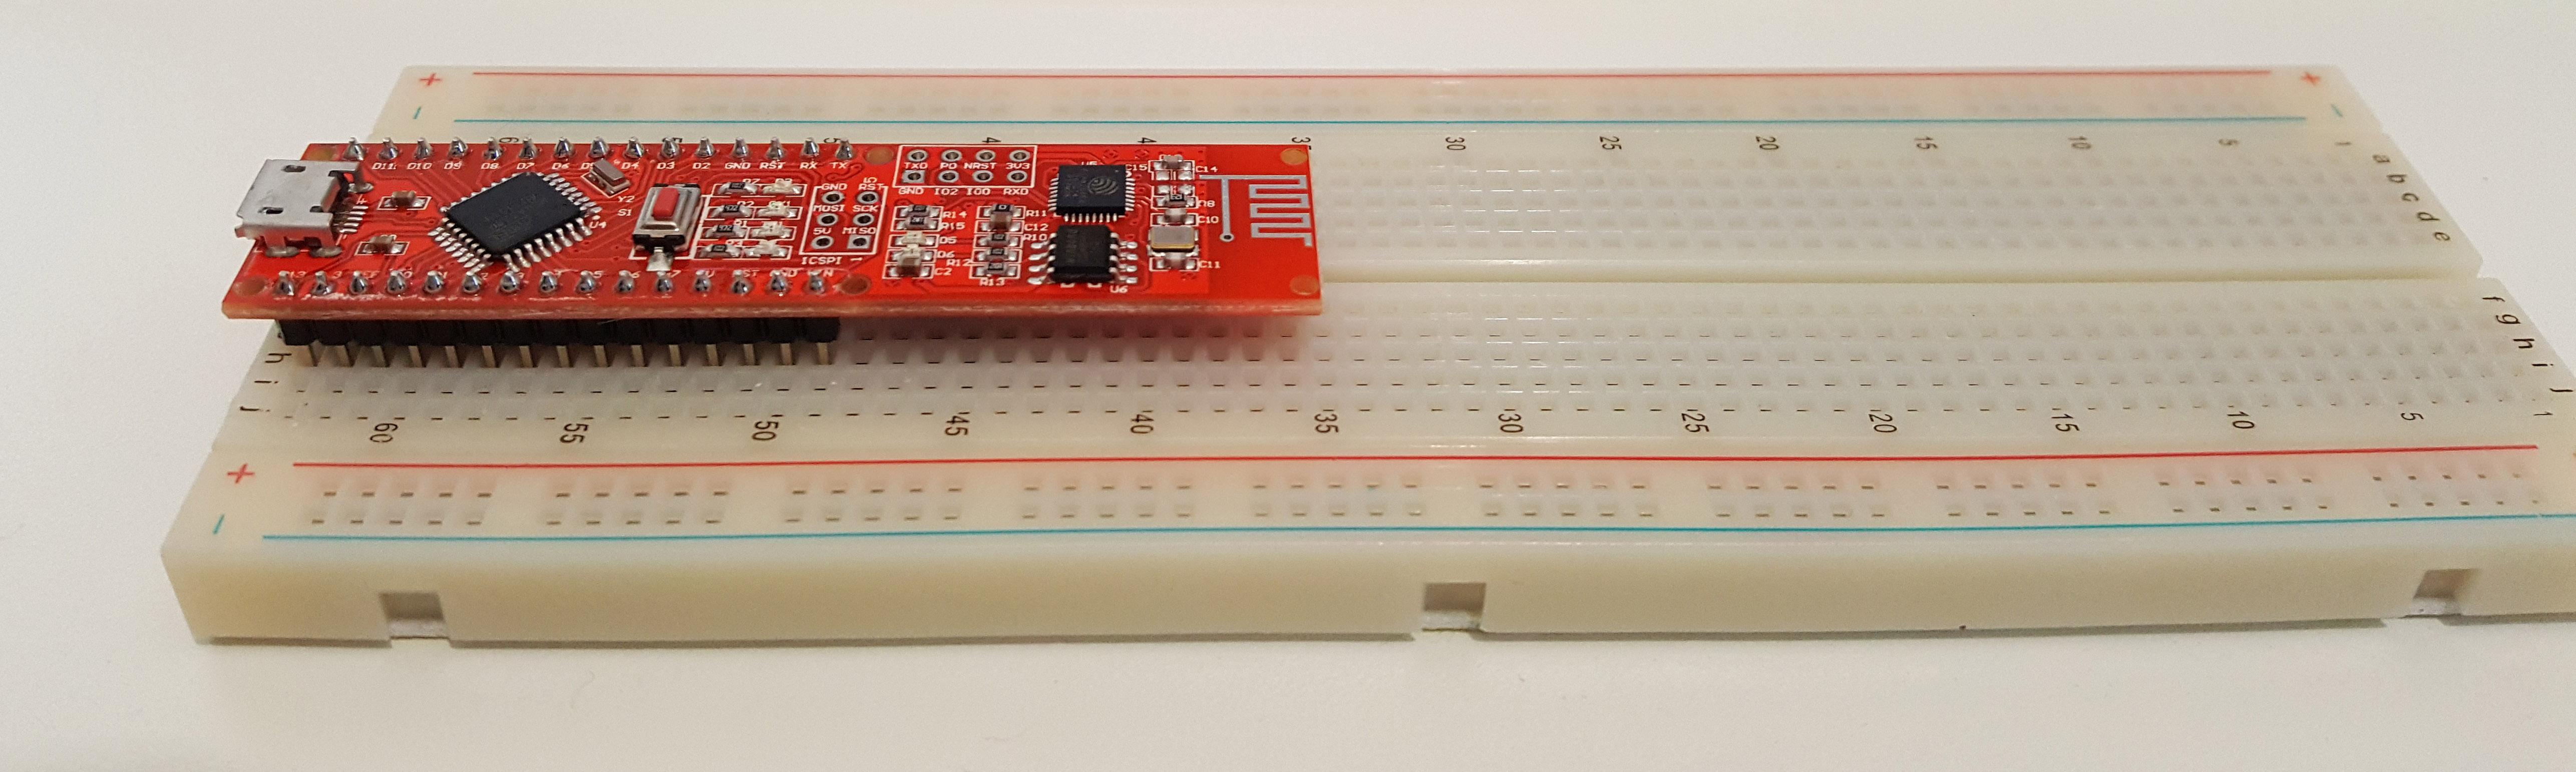 Figura 2: La scheda Open IoT Wi-Fi inserita nella breadboard